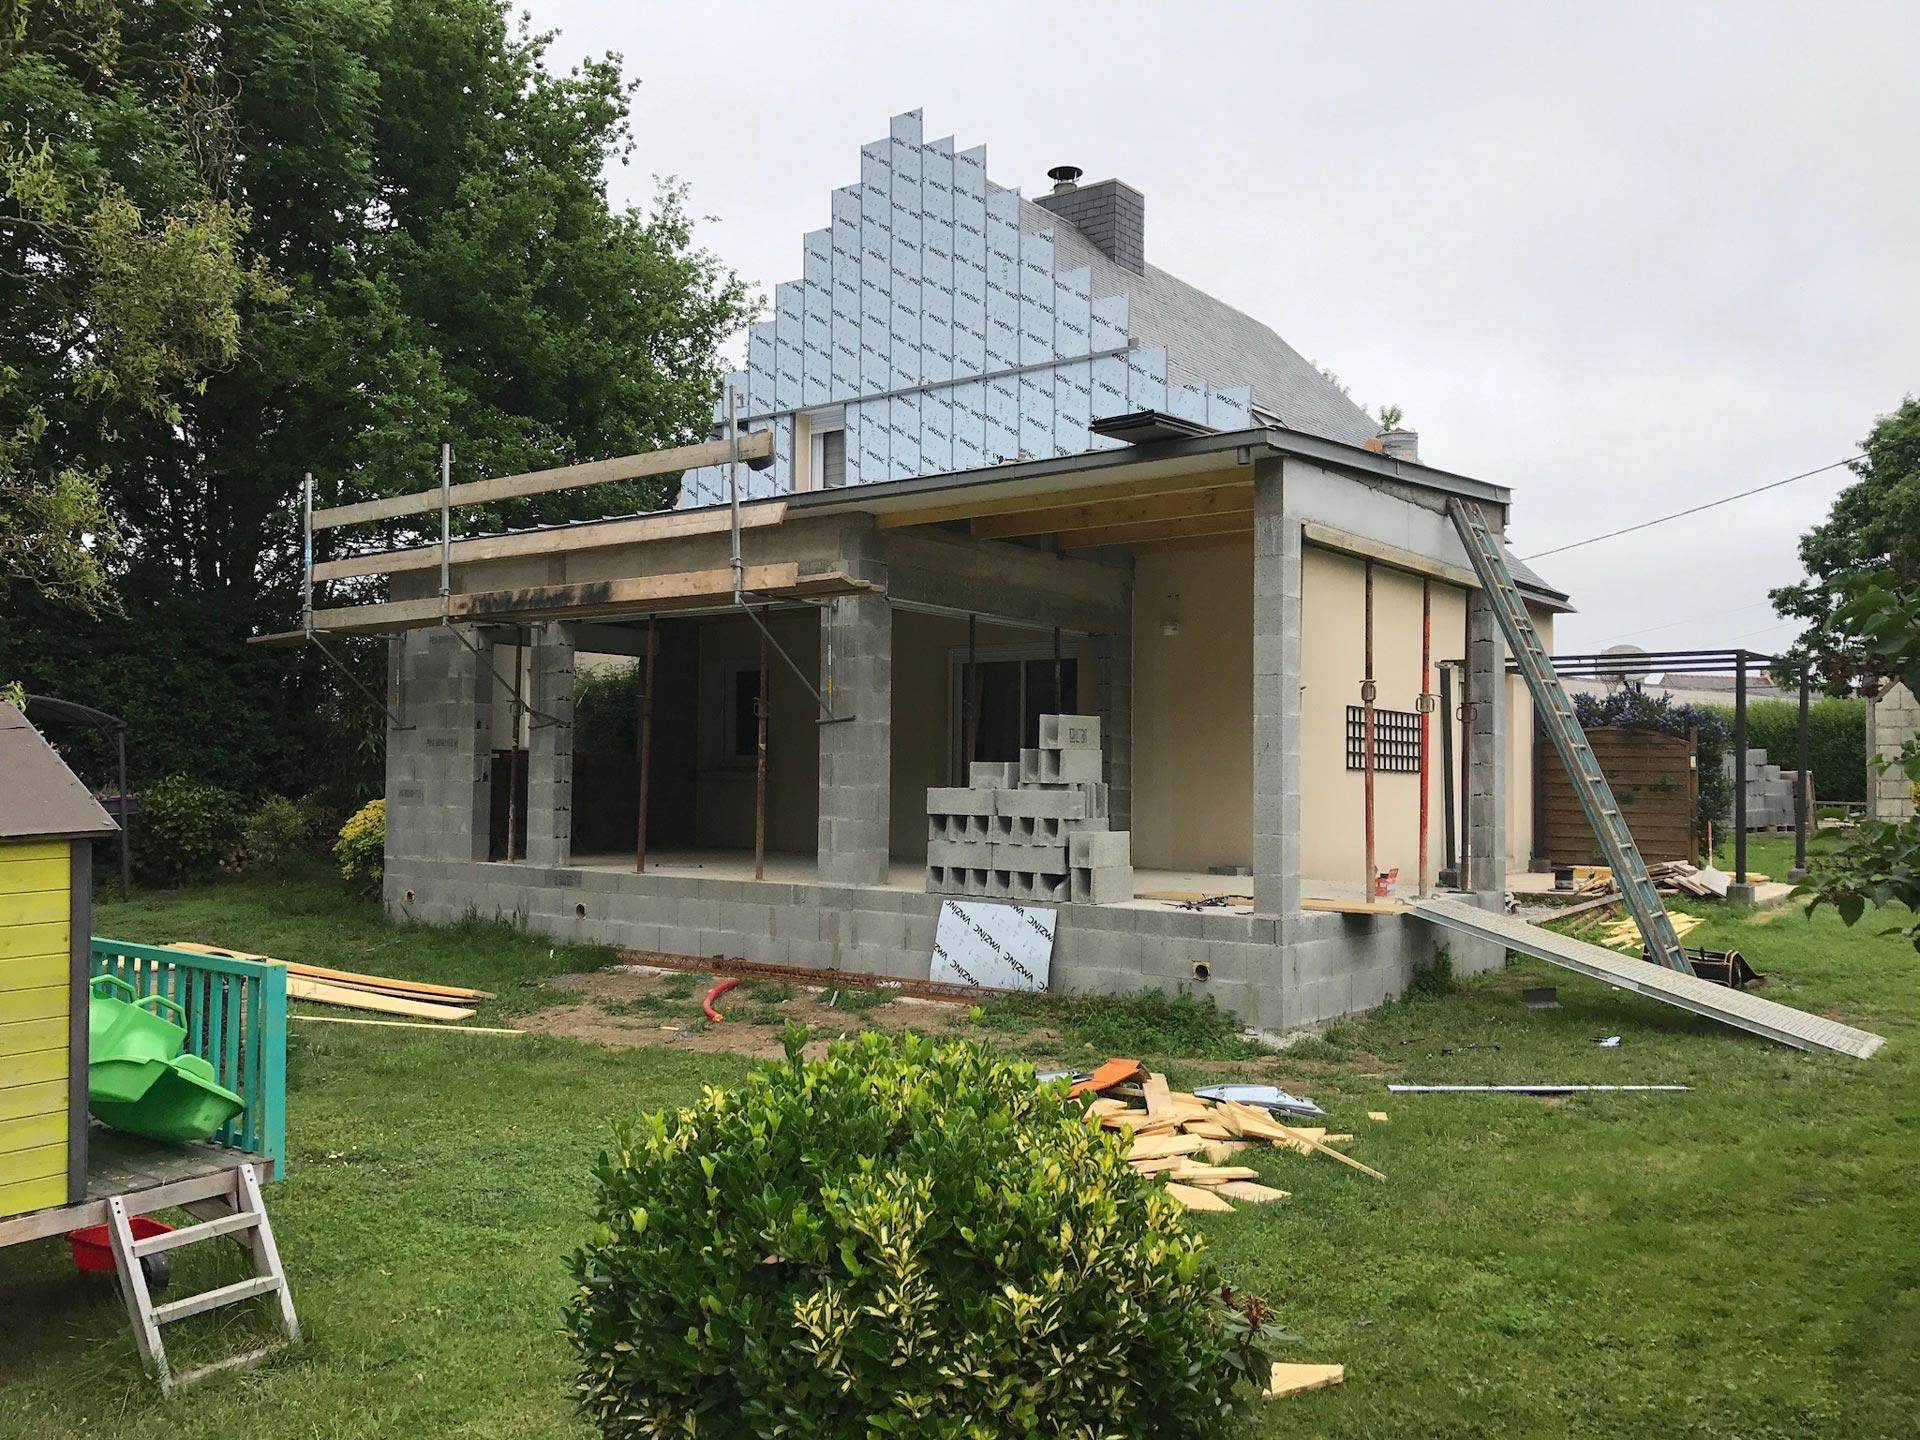 Extension de maison saint solen 22100 vue4 1 cybel for Financement extension maison